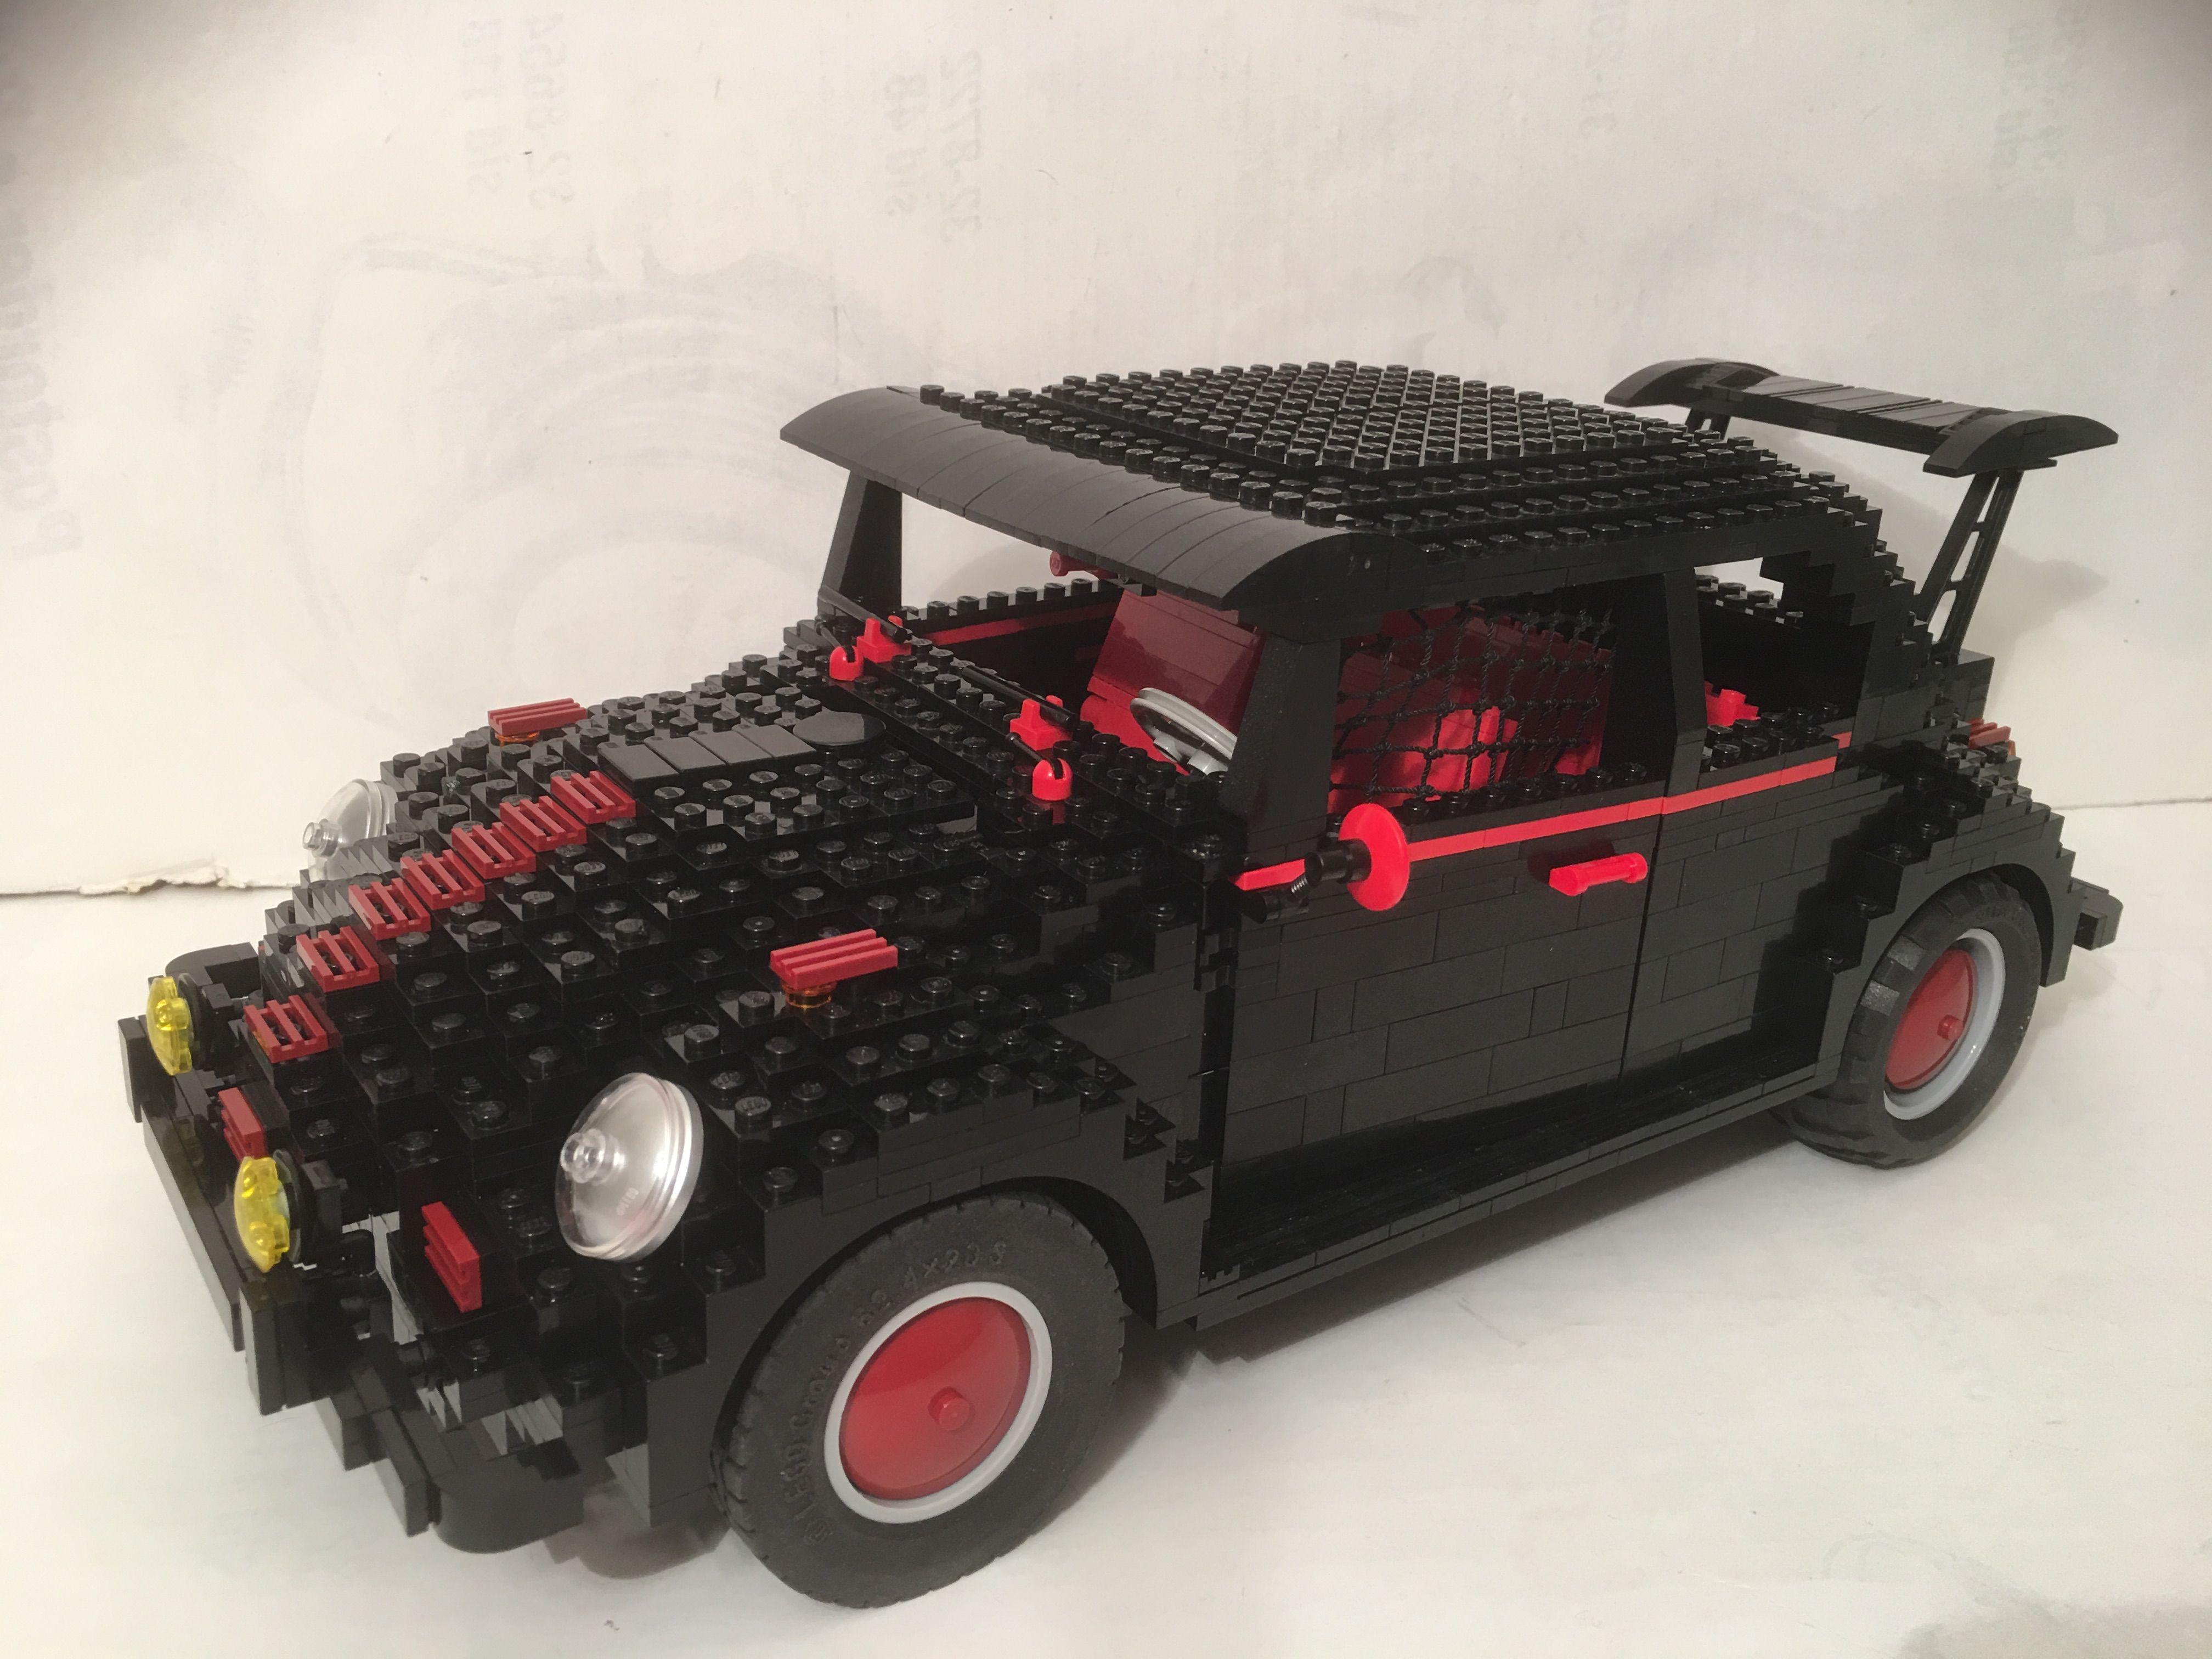 Vw 10187 Lego Vehicles Pinterest Lego Vehicles And Lego